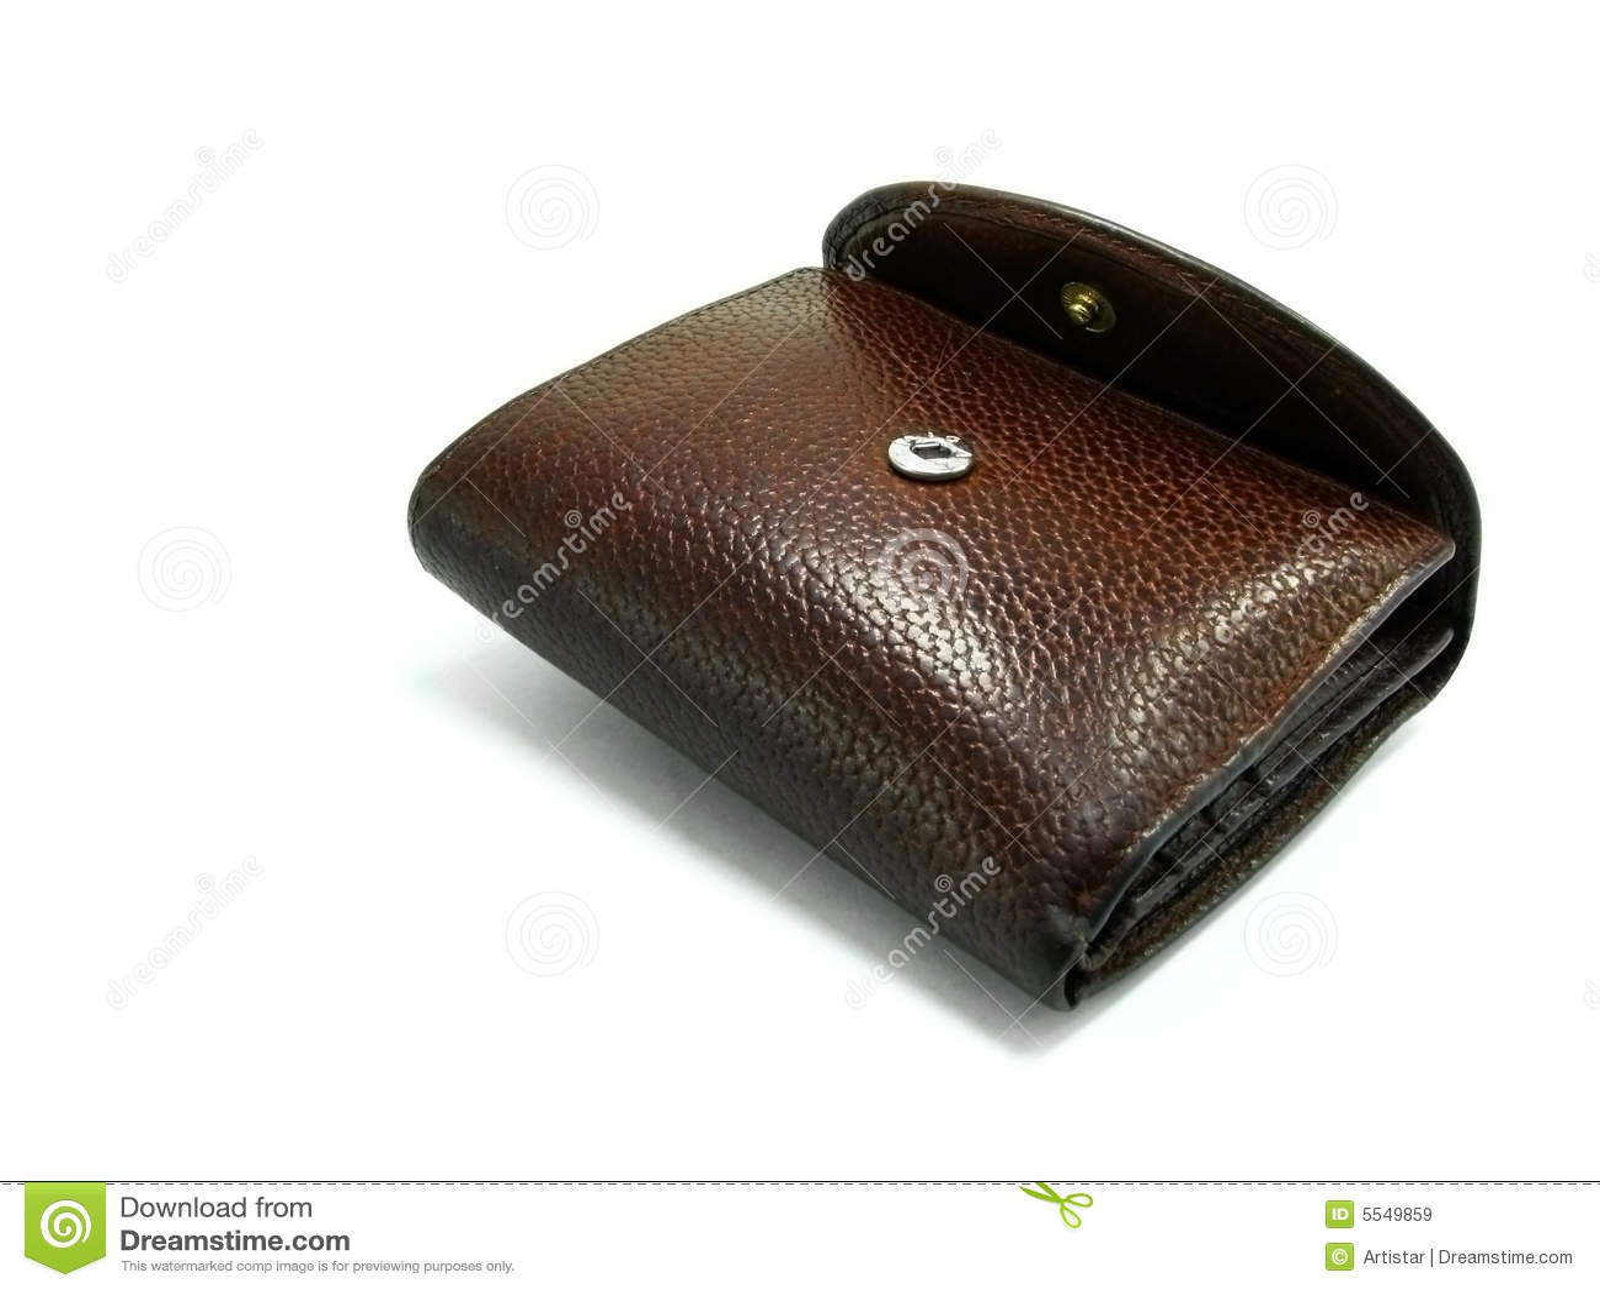 Wallet investor